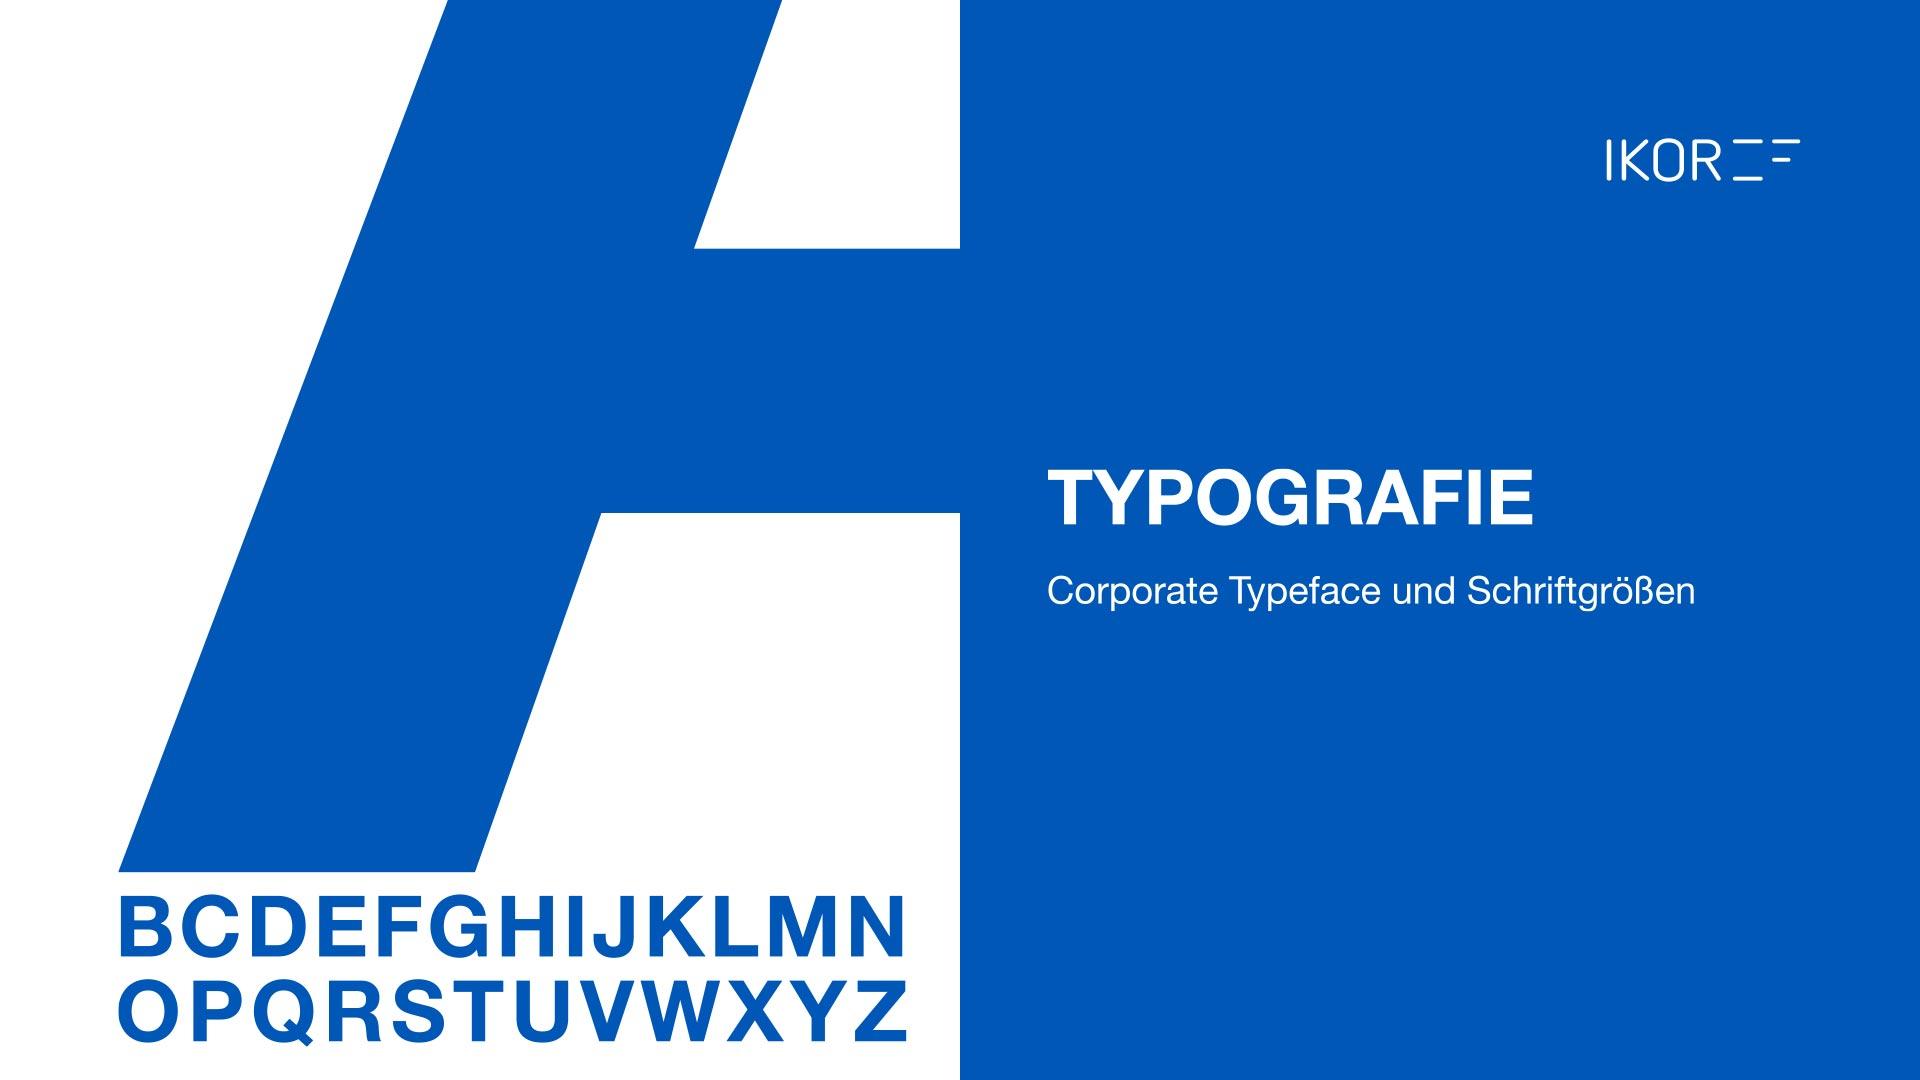 IKOR Corporate Design Schriften